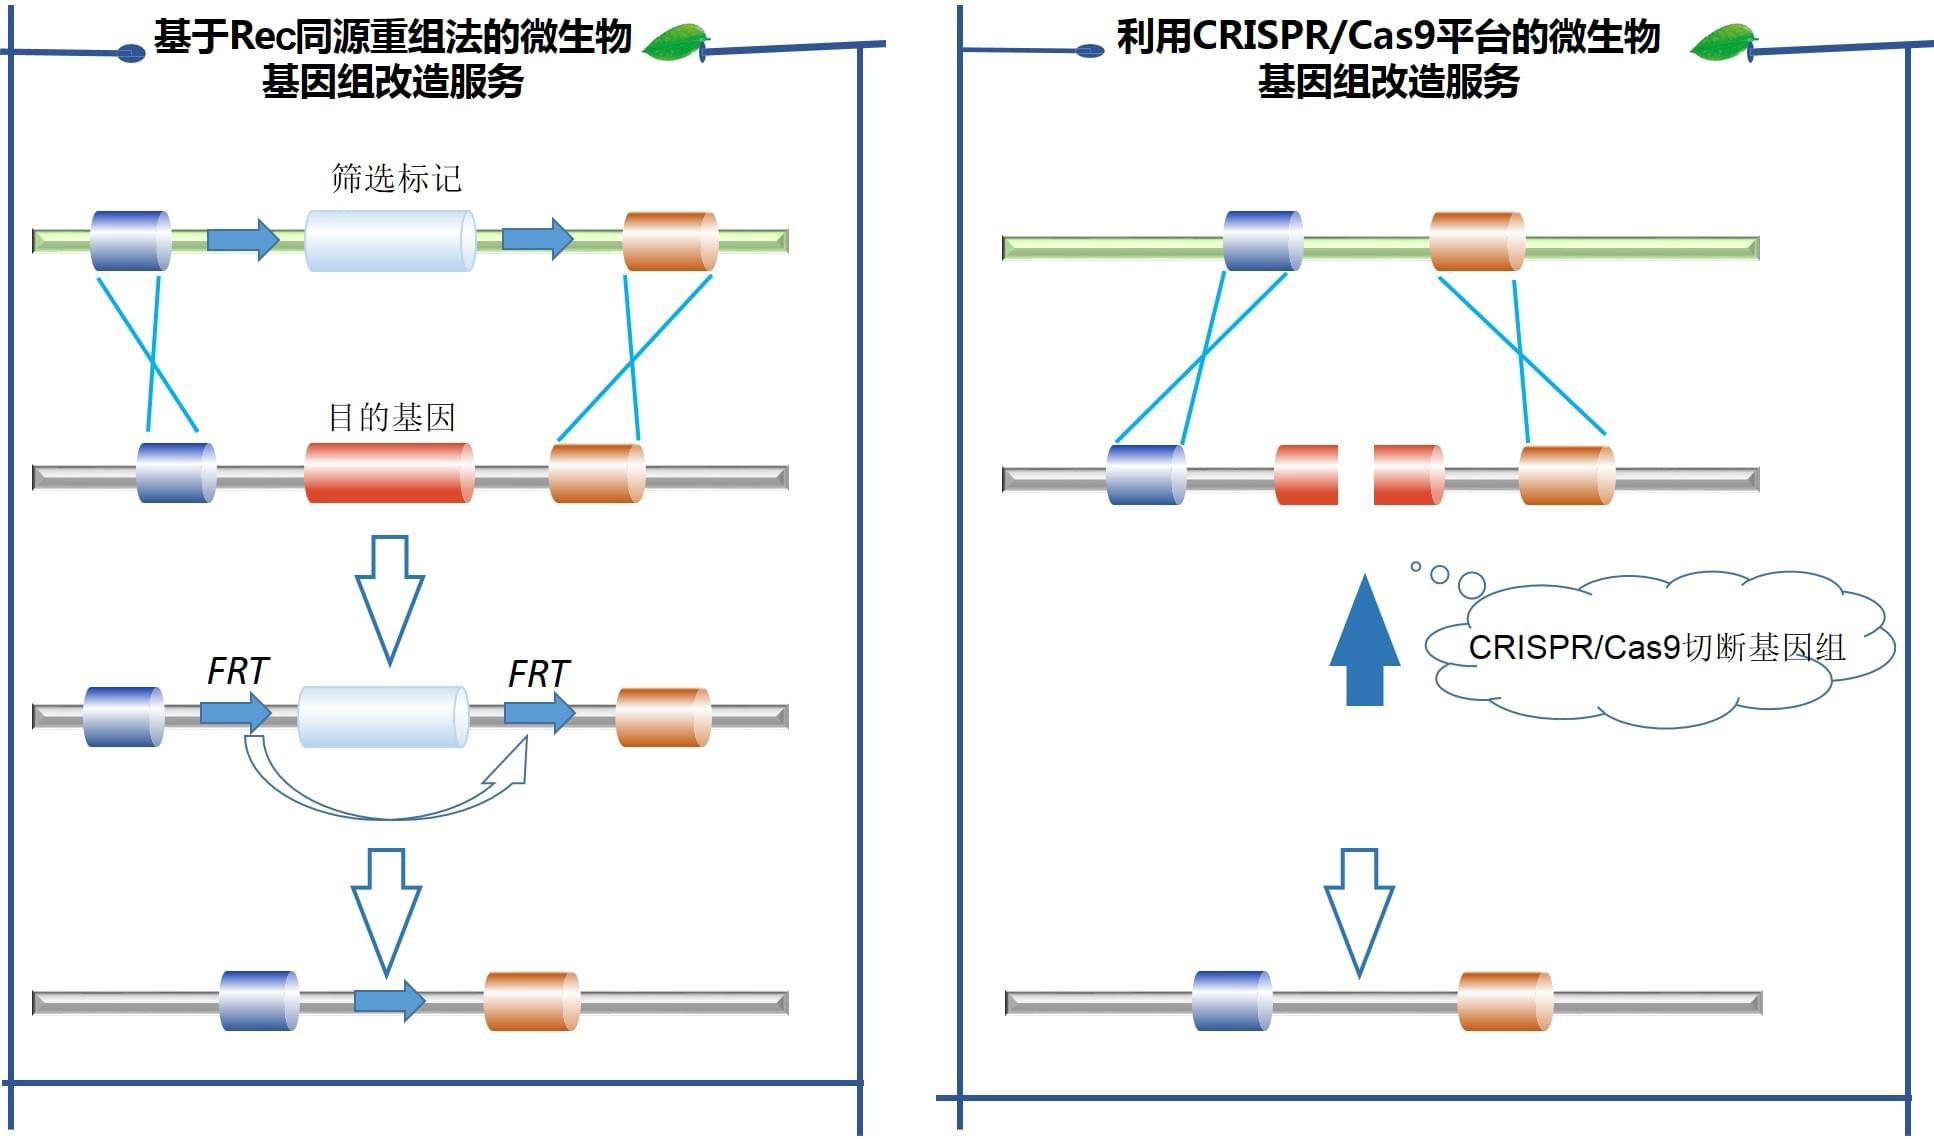 基于Rec同源重组法的微生物基因组改造服务和利用CRISPR/Cas9平台的微生物基因组改造服务